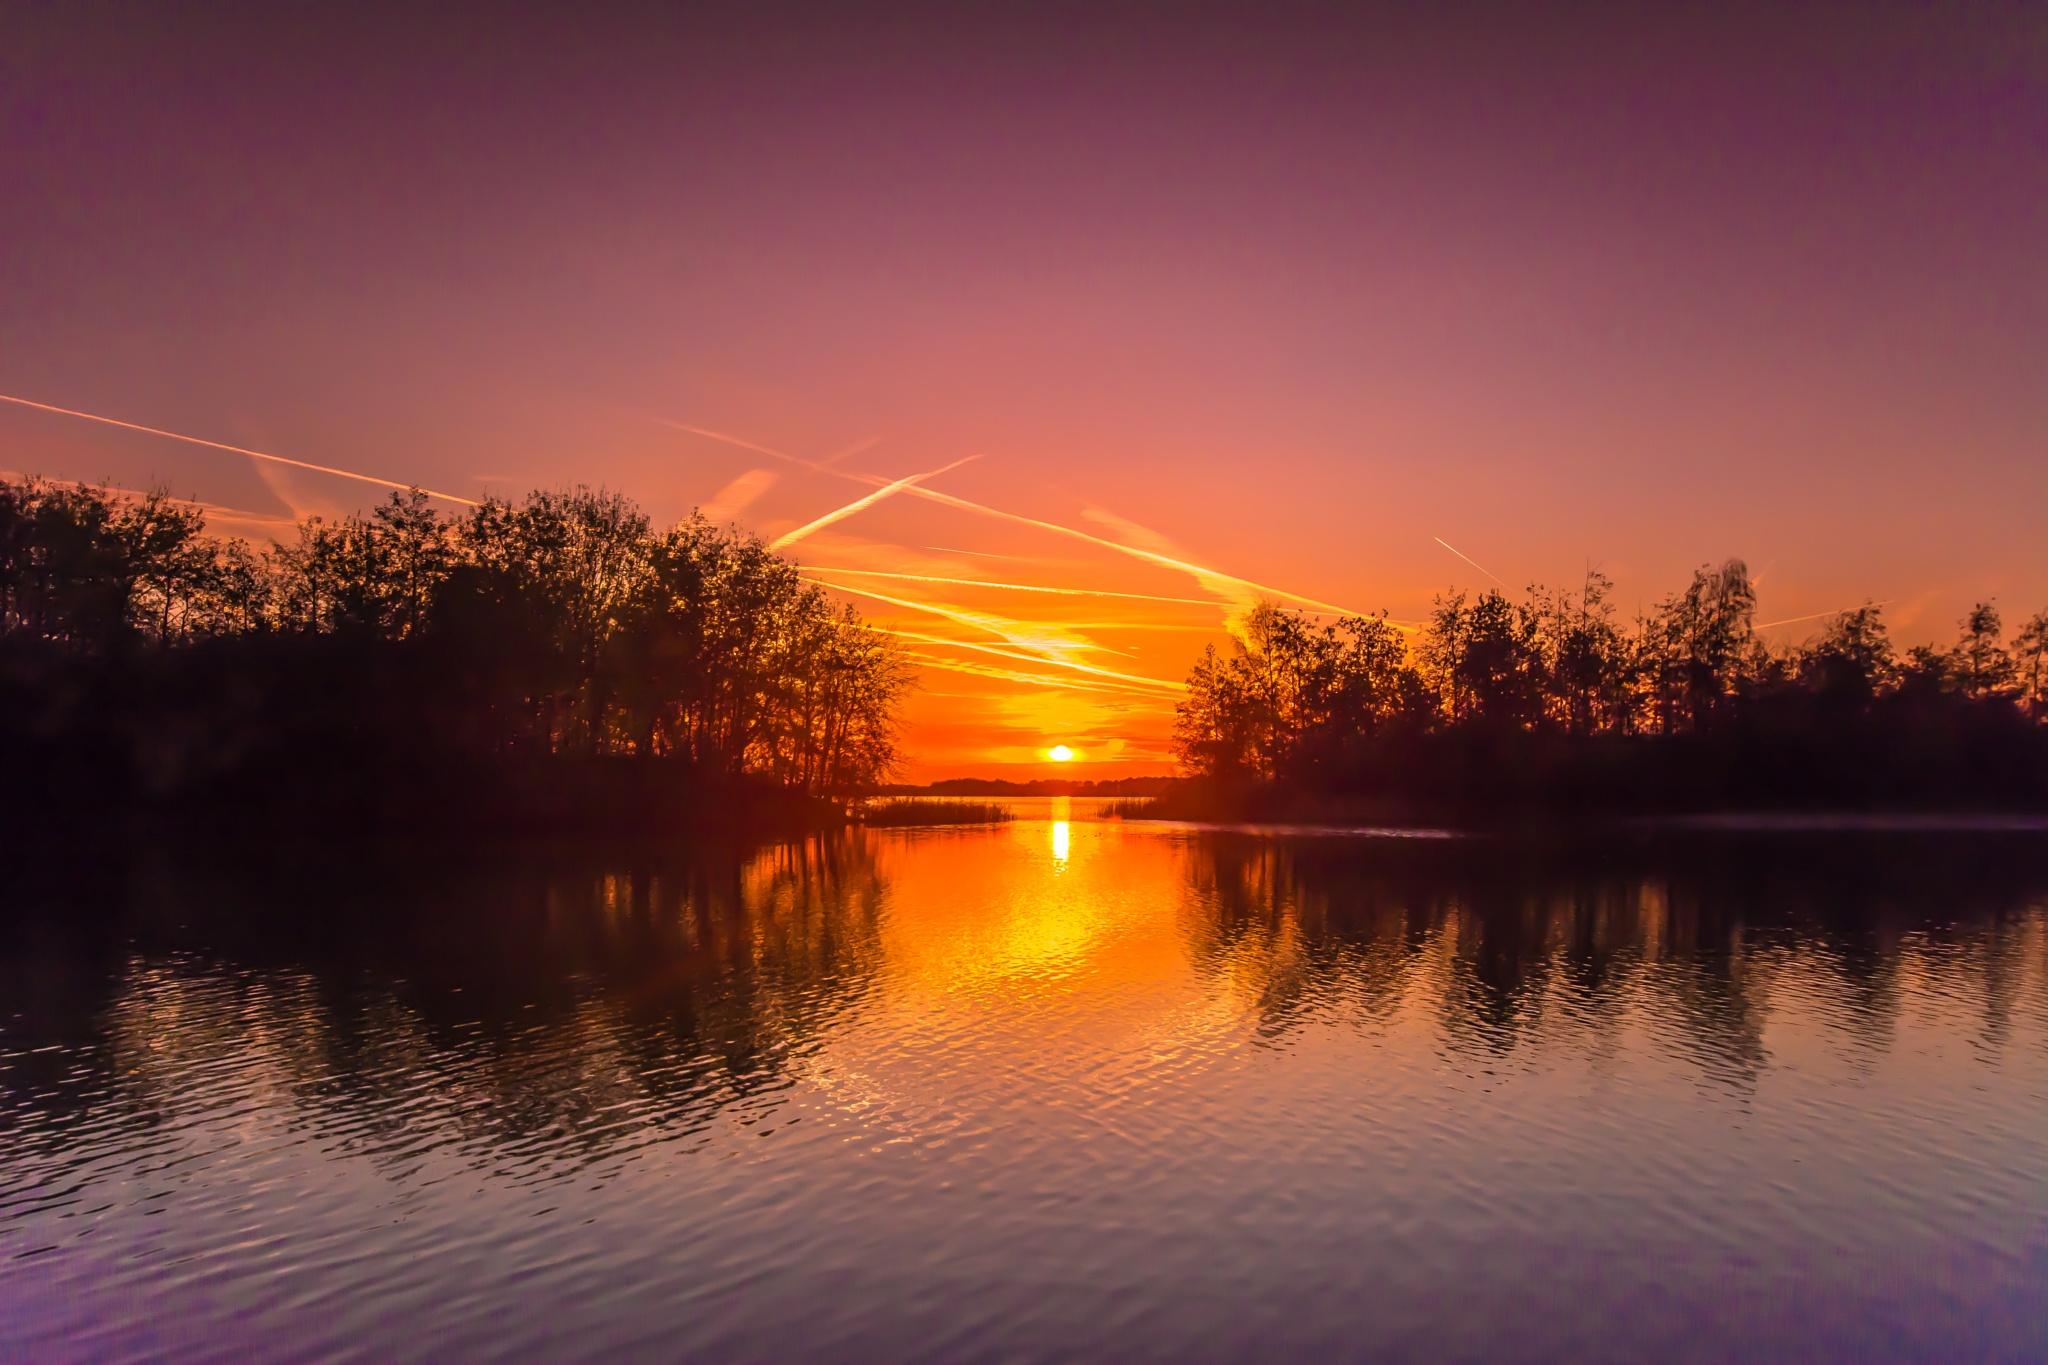 Sunset thursday november 12th by TaraKiekt.nl